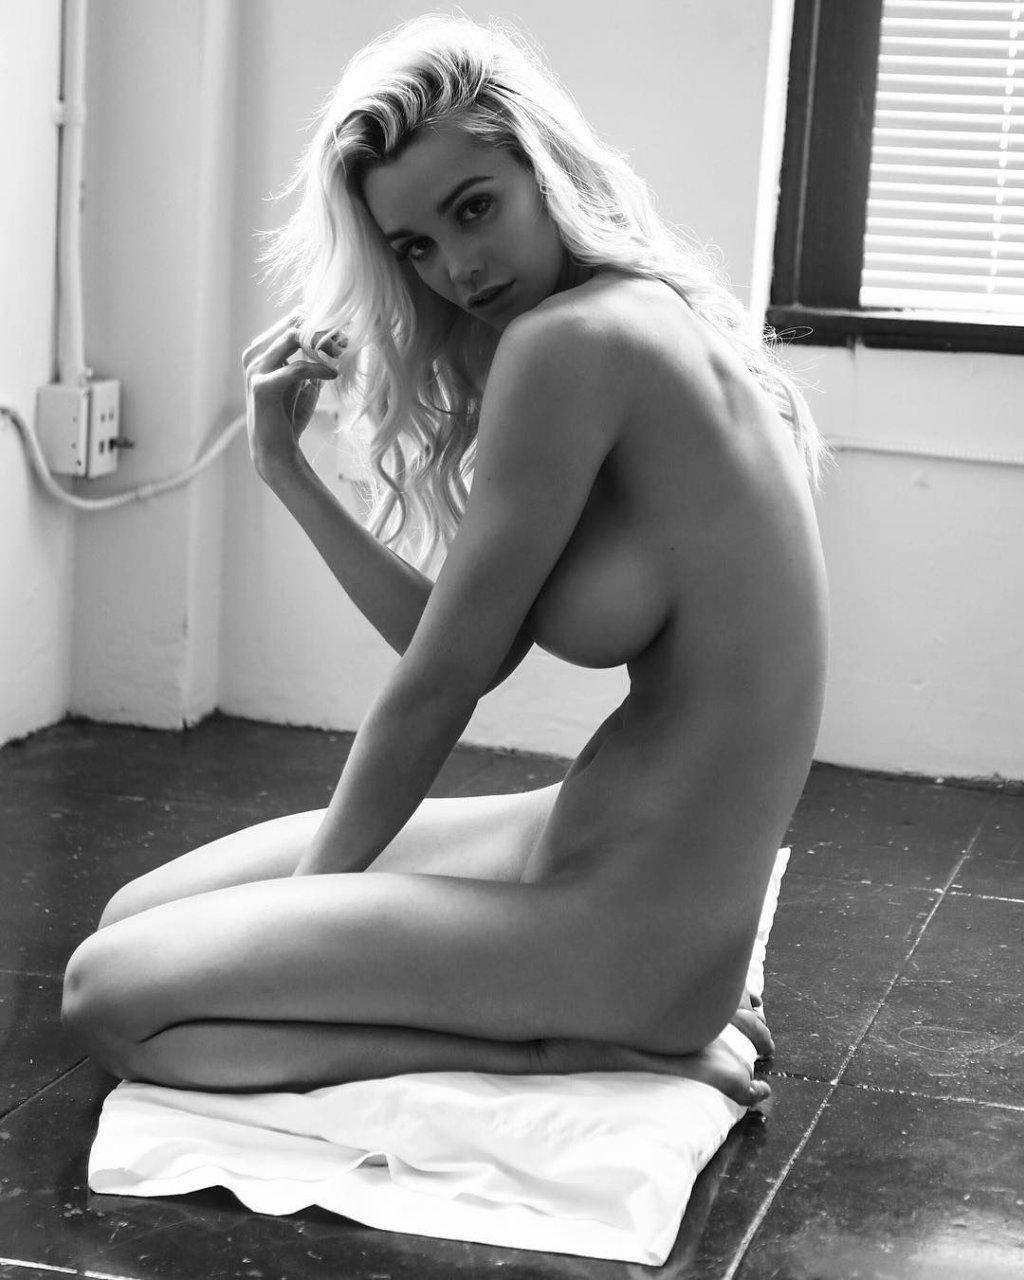 nude suicide girls vagina